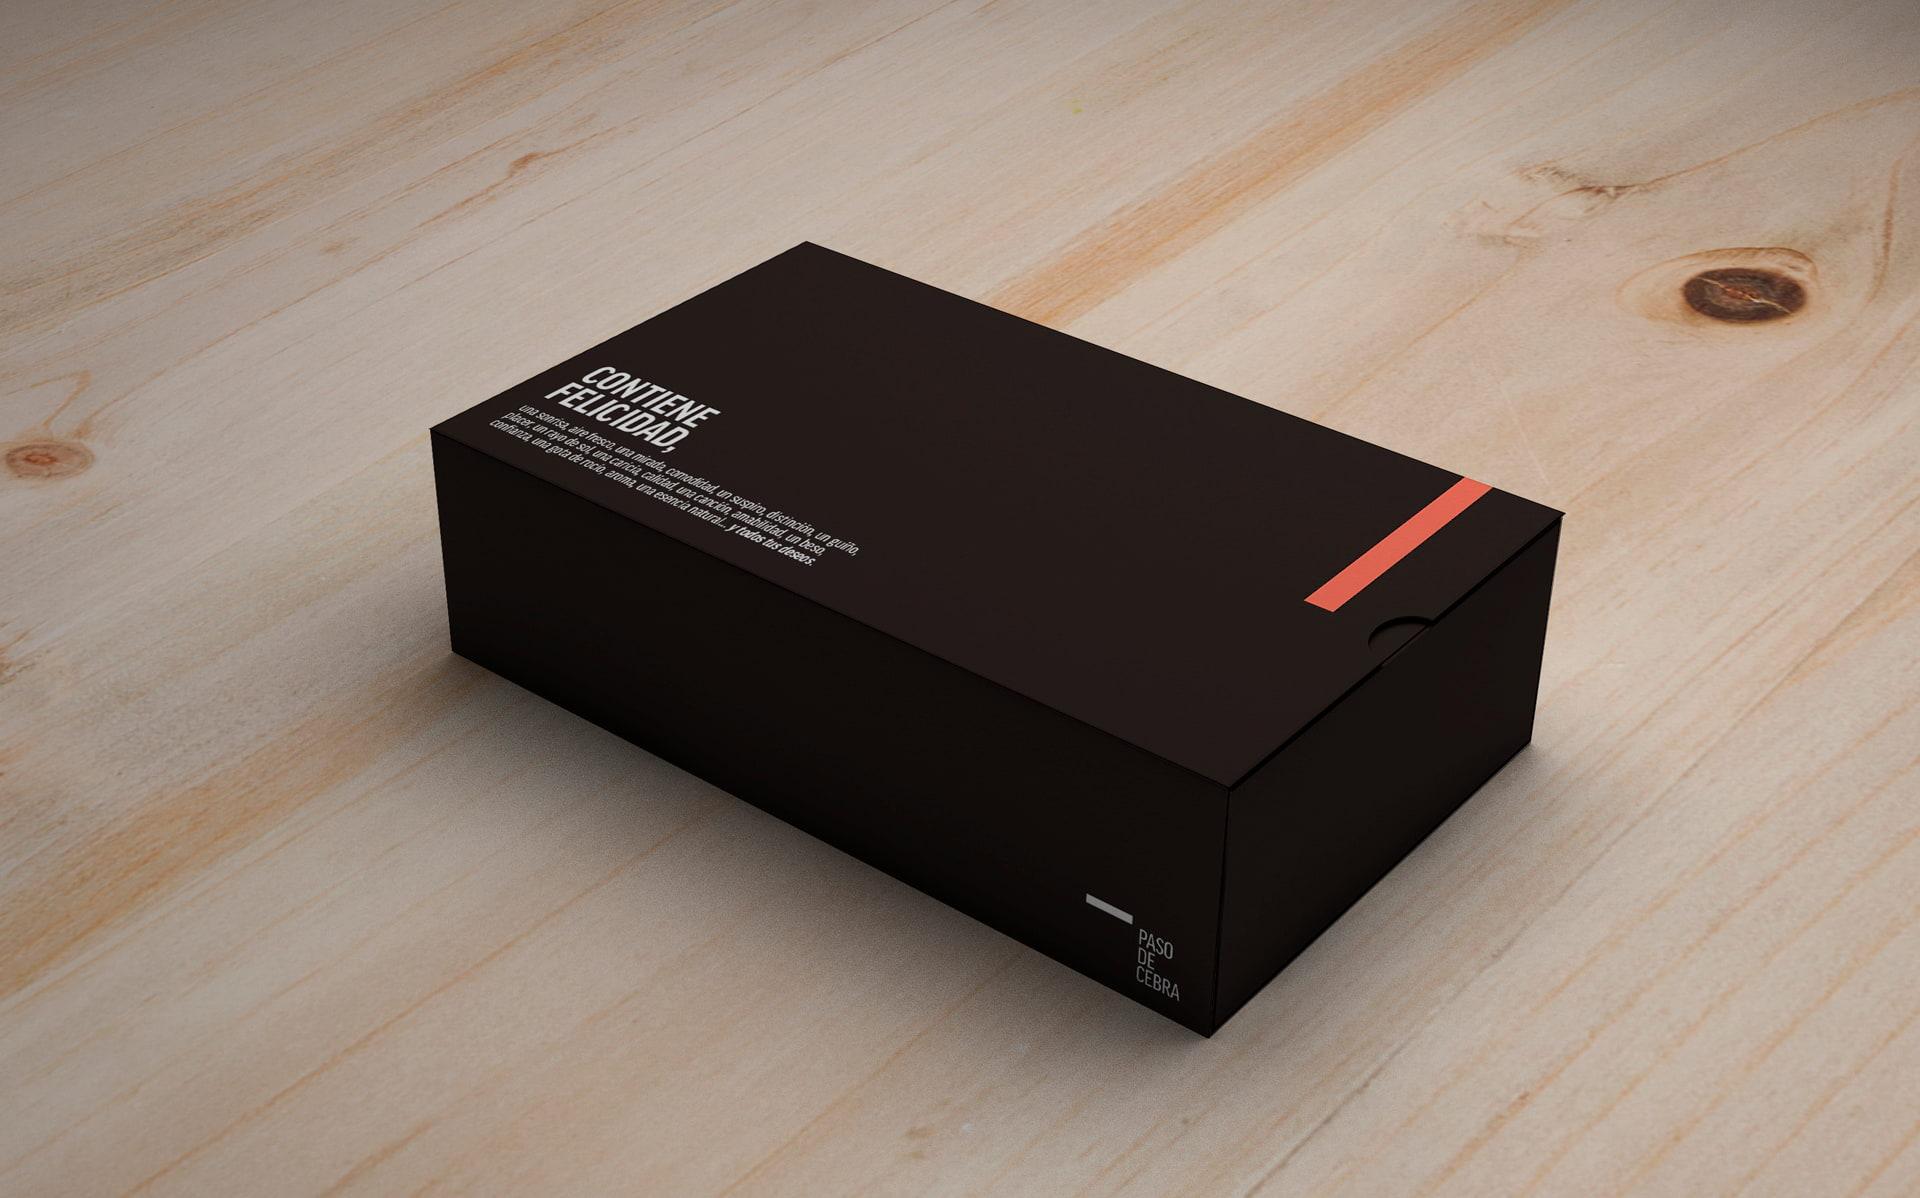 diseño packaging caja tienda de moda